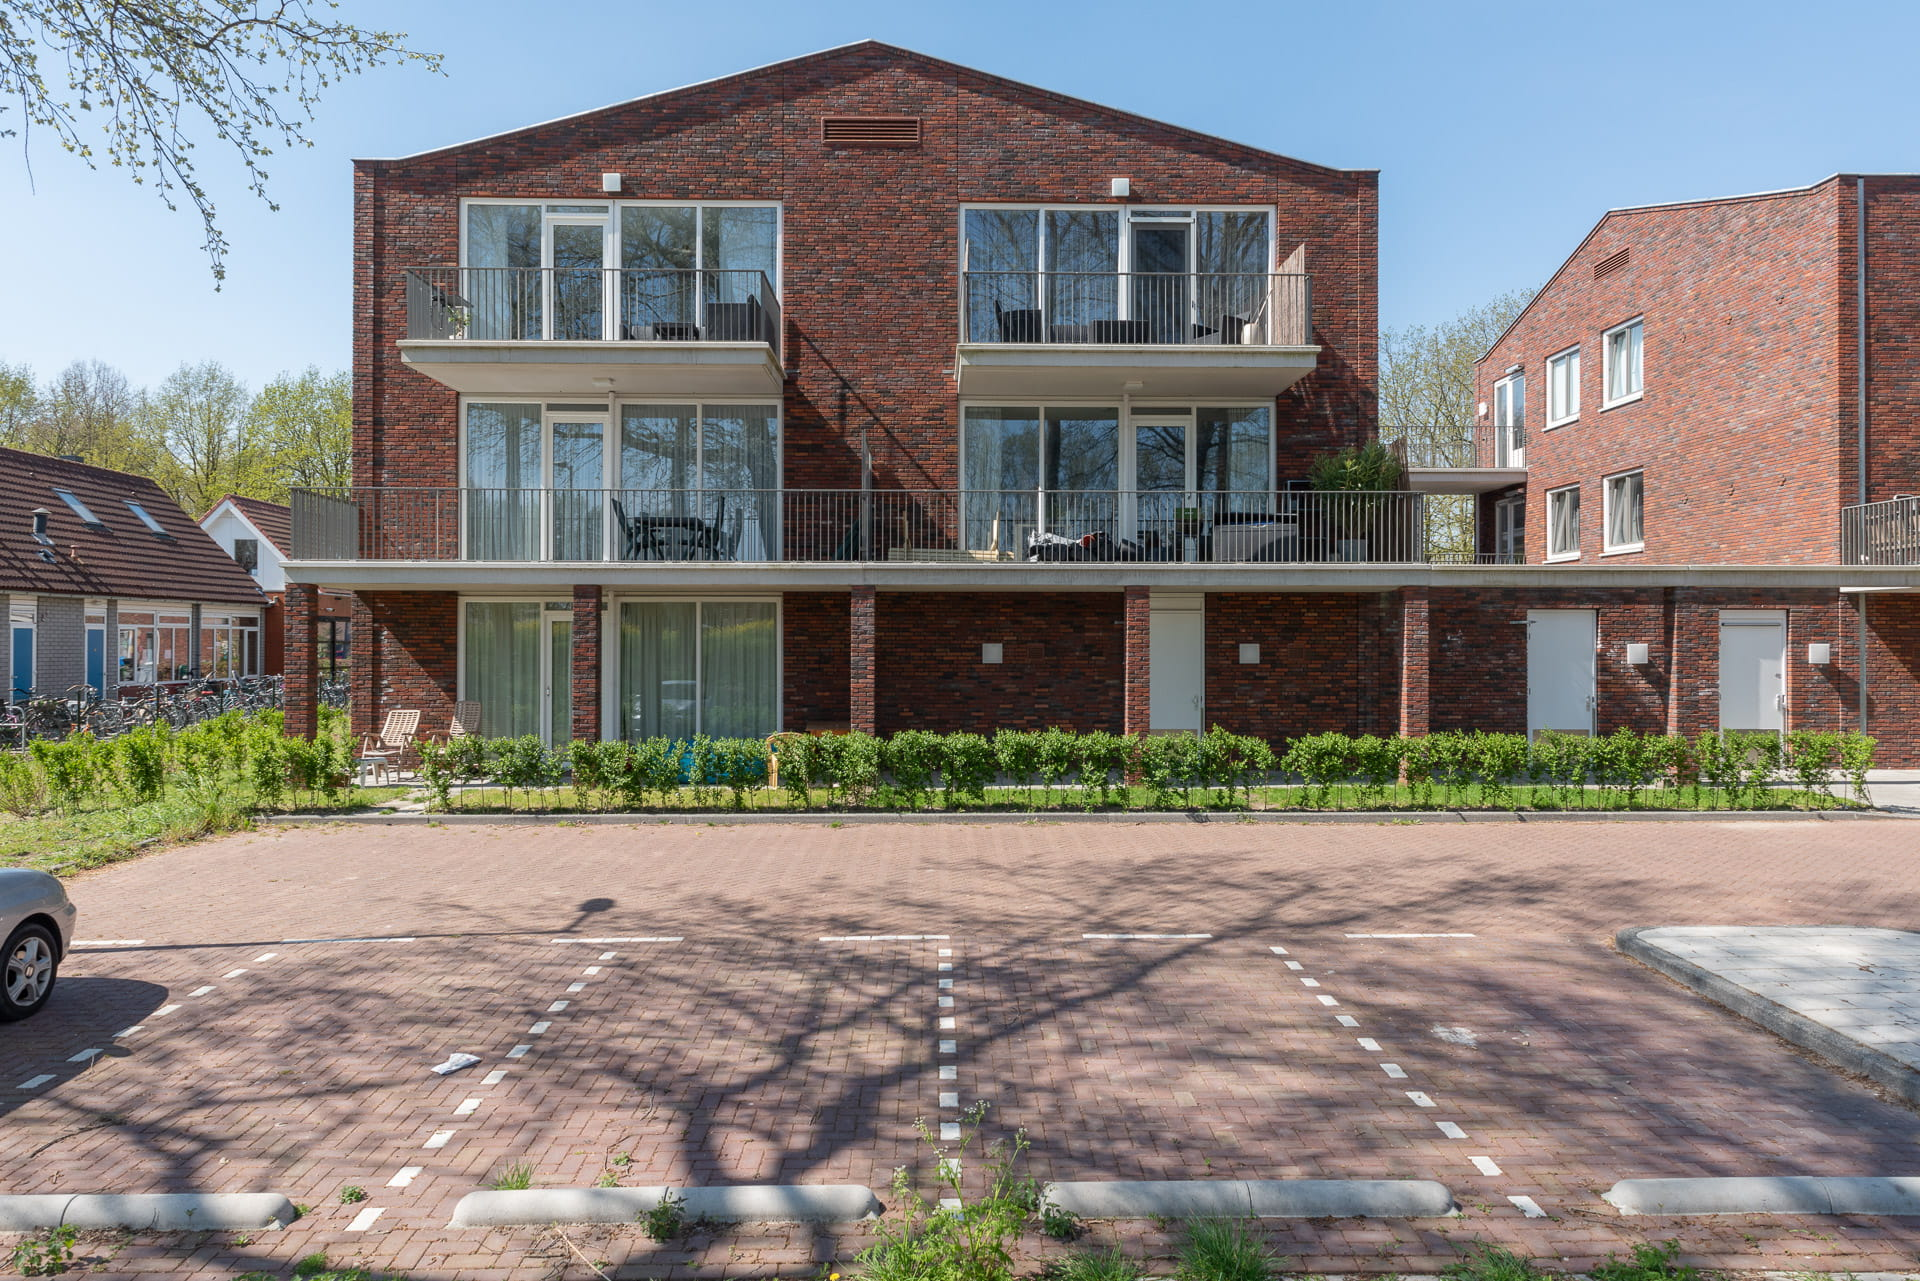 Rechte aanblik van een roodbruin gebouw met een puntdak, ramen en balkons. Op de voorgrond parkeerplaatsen.